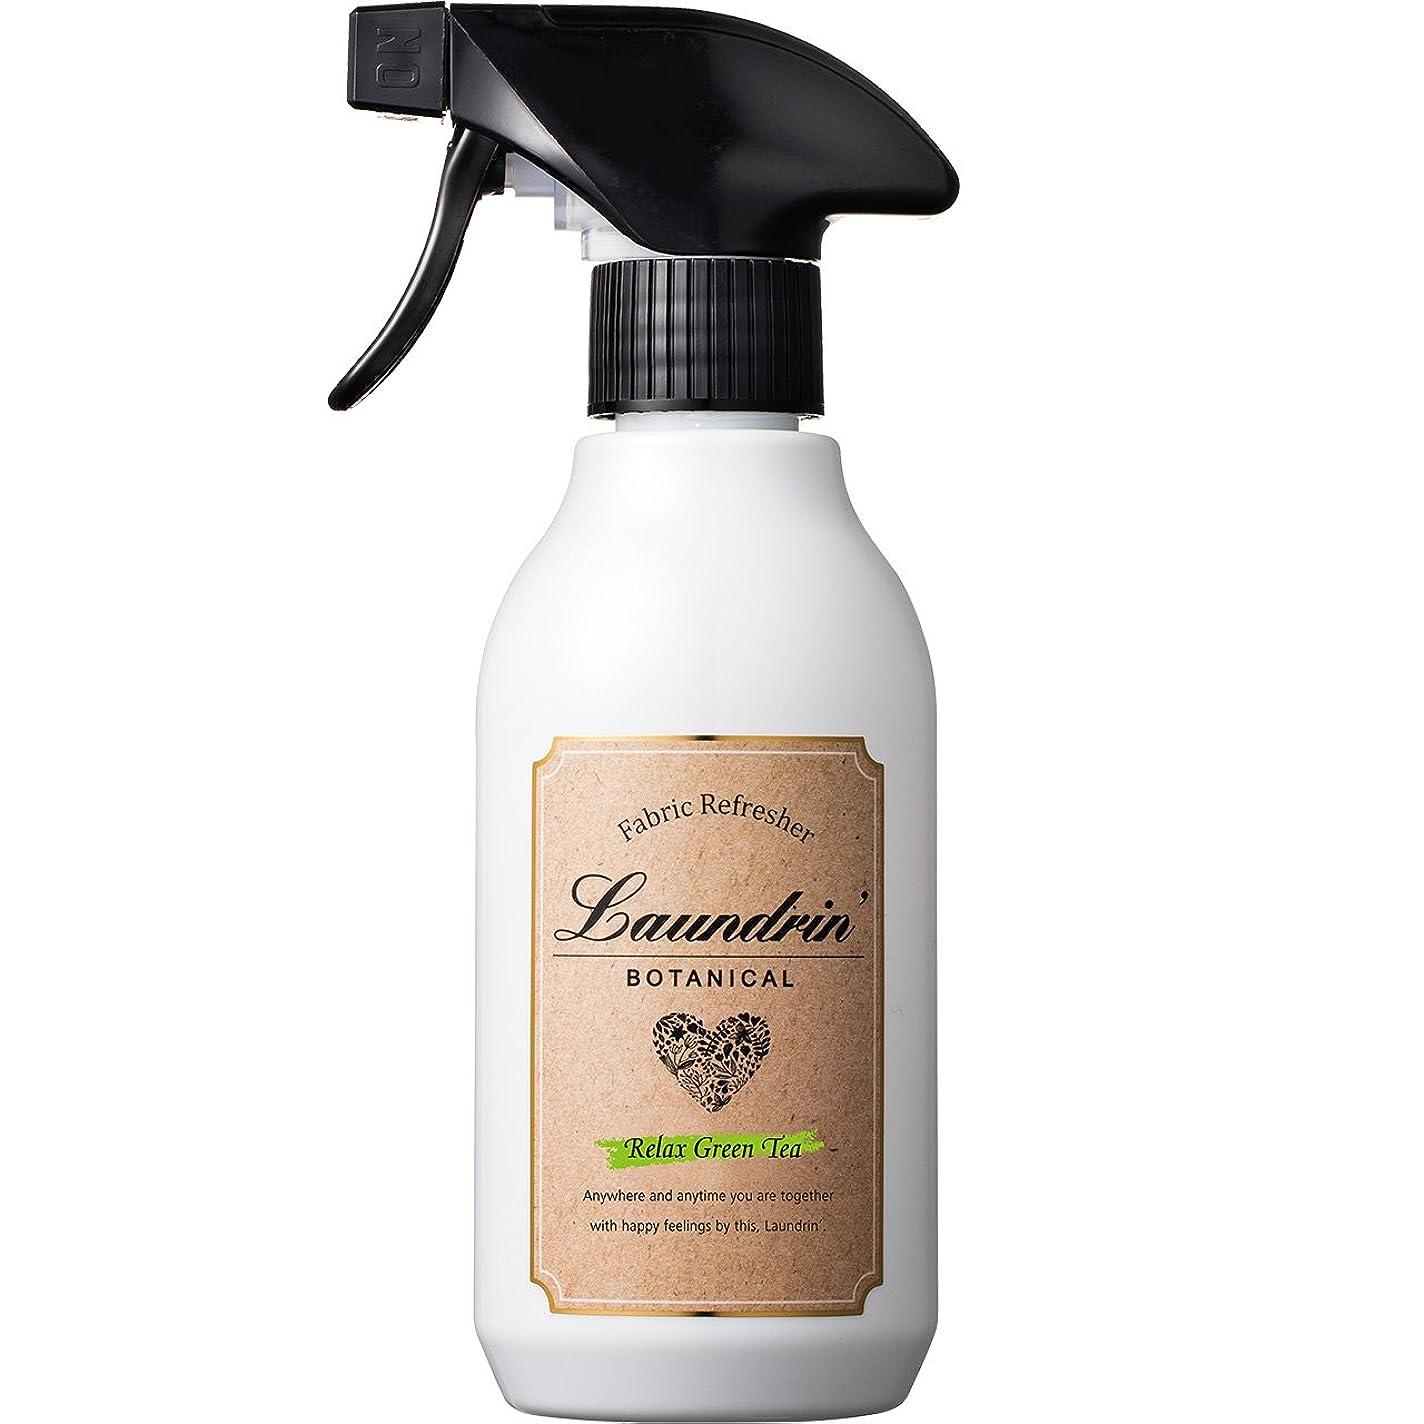 連想項目マーティンルーサーキングジュニアランドリン ボタニカル ファブリックミスト リラックスグリーンティーの香り 300ml